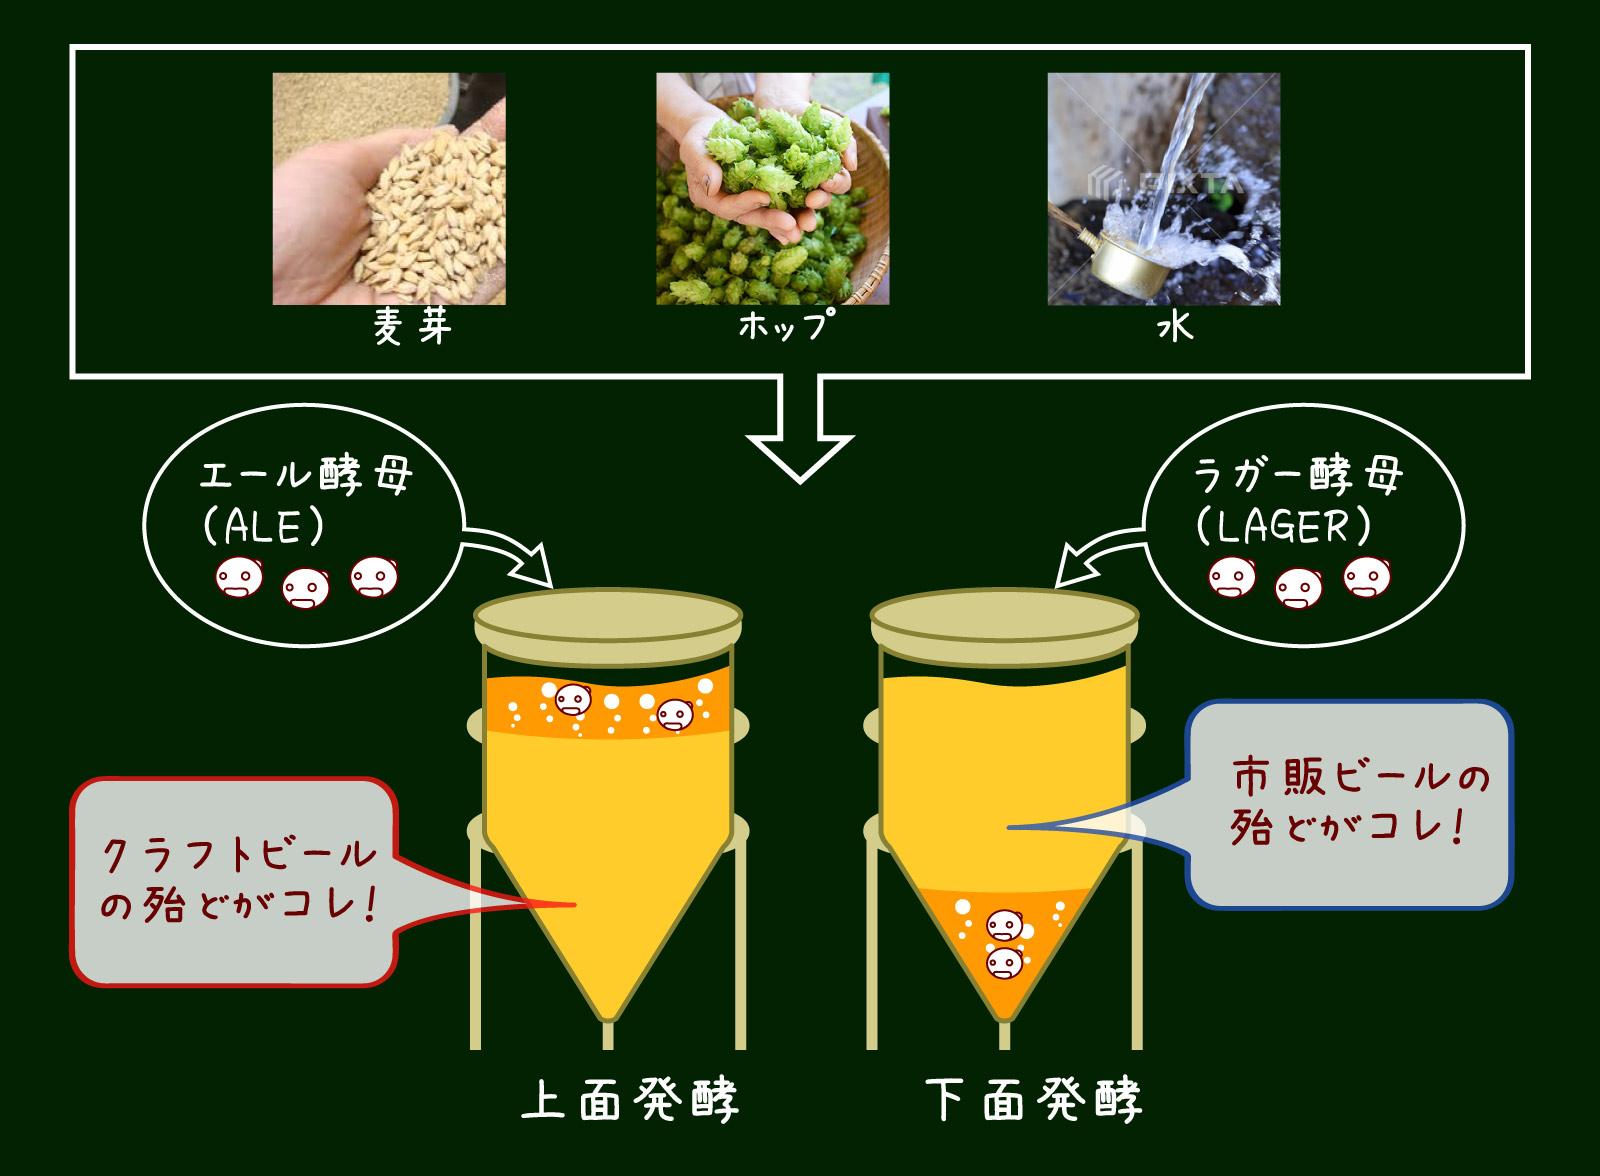 発酵のイメージ画像